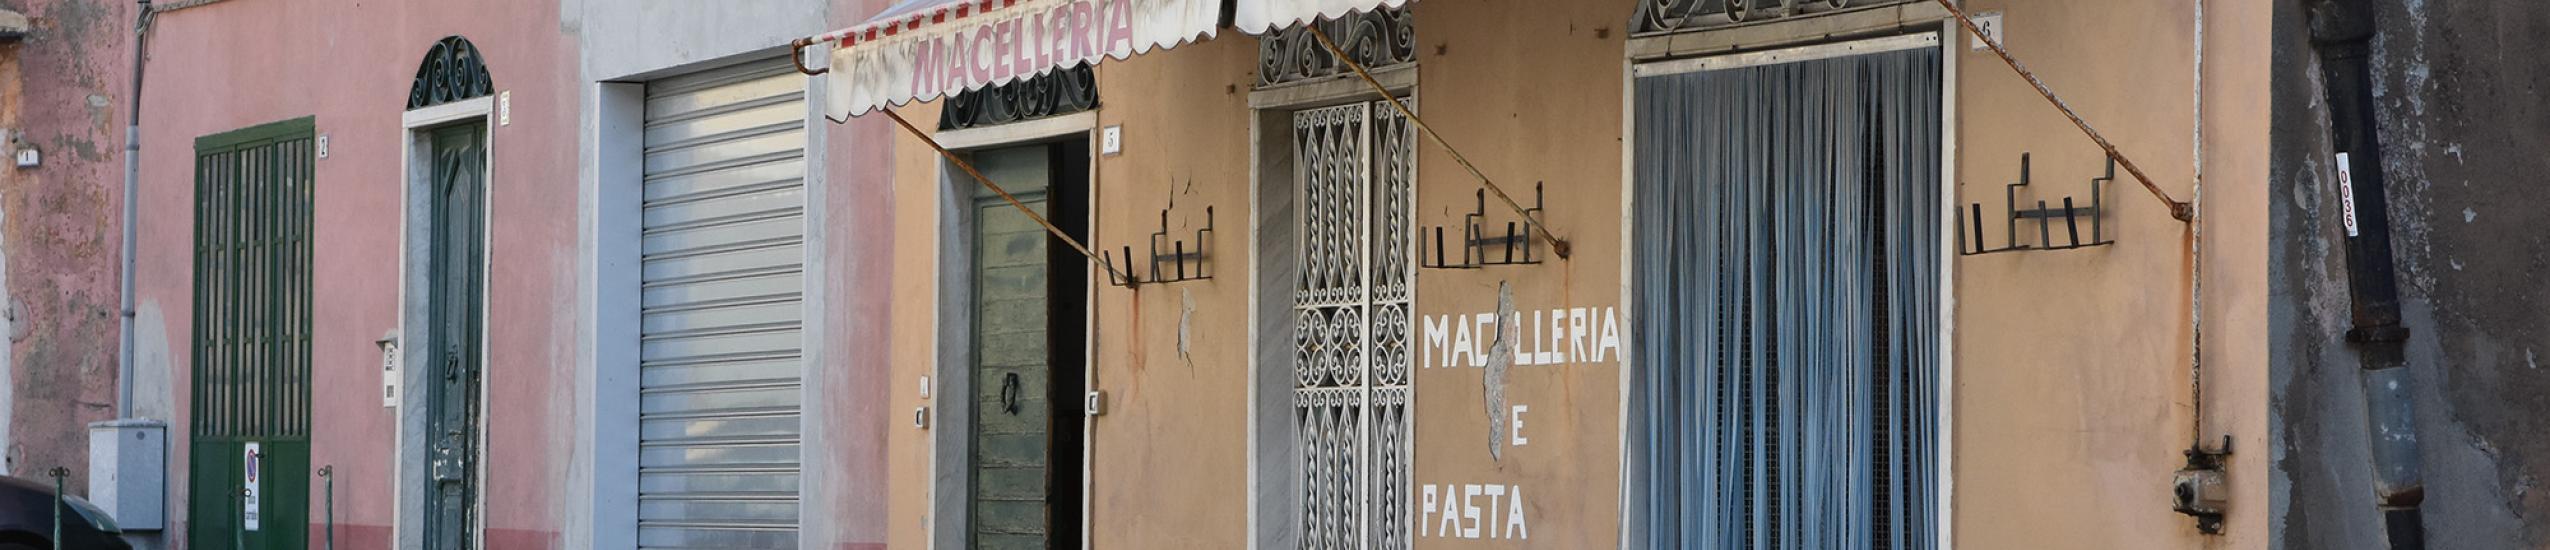 Macelleria Ferretti